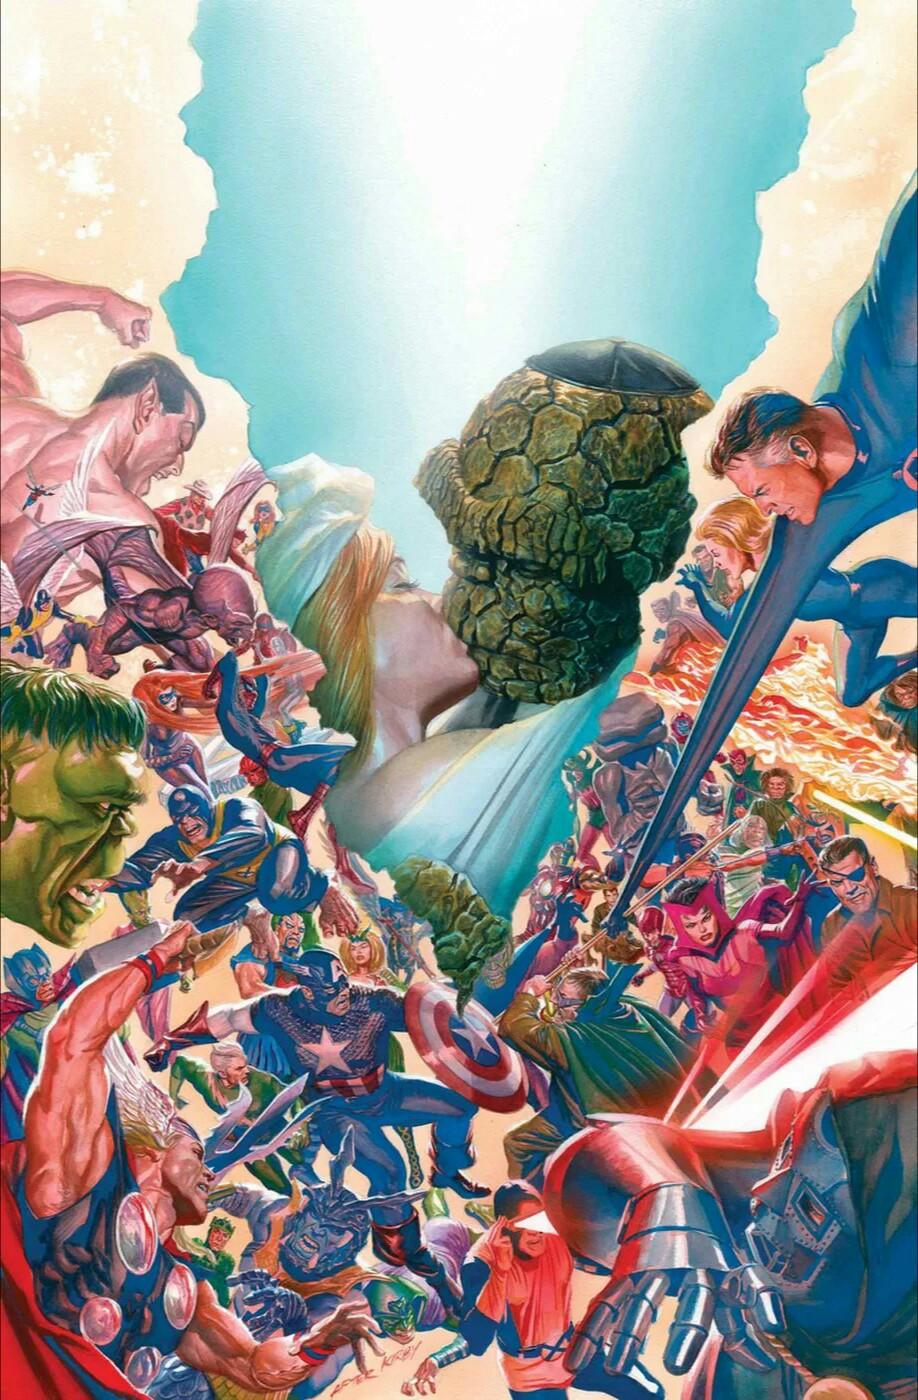 Fantastic Four Vol 6 5 Ross Variant Textless.jpg